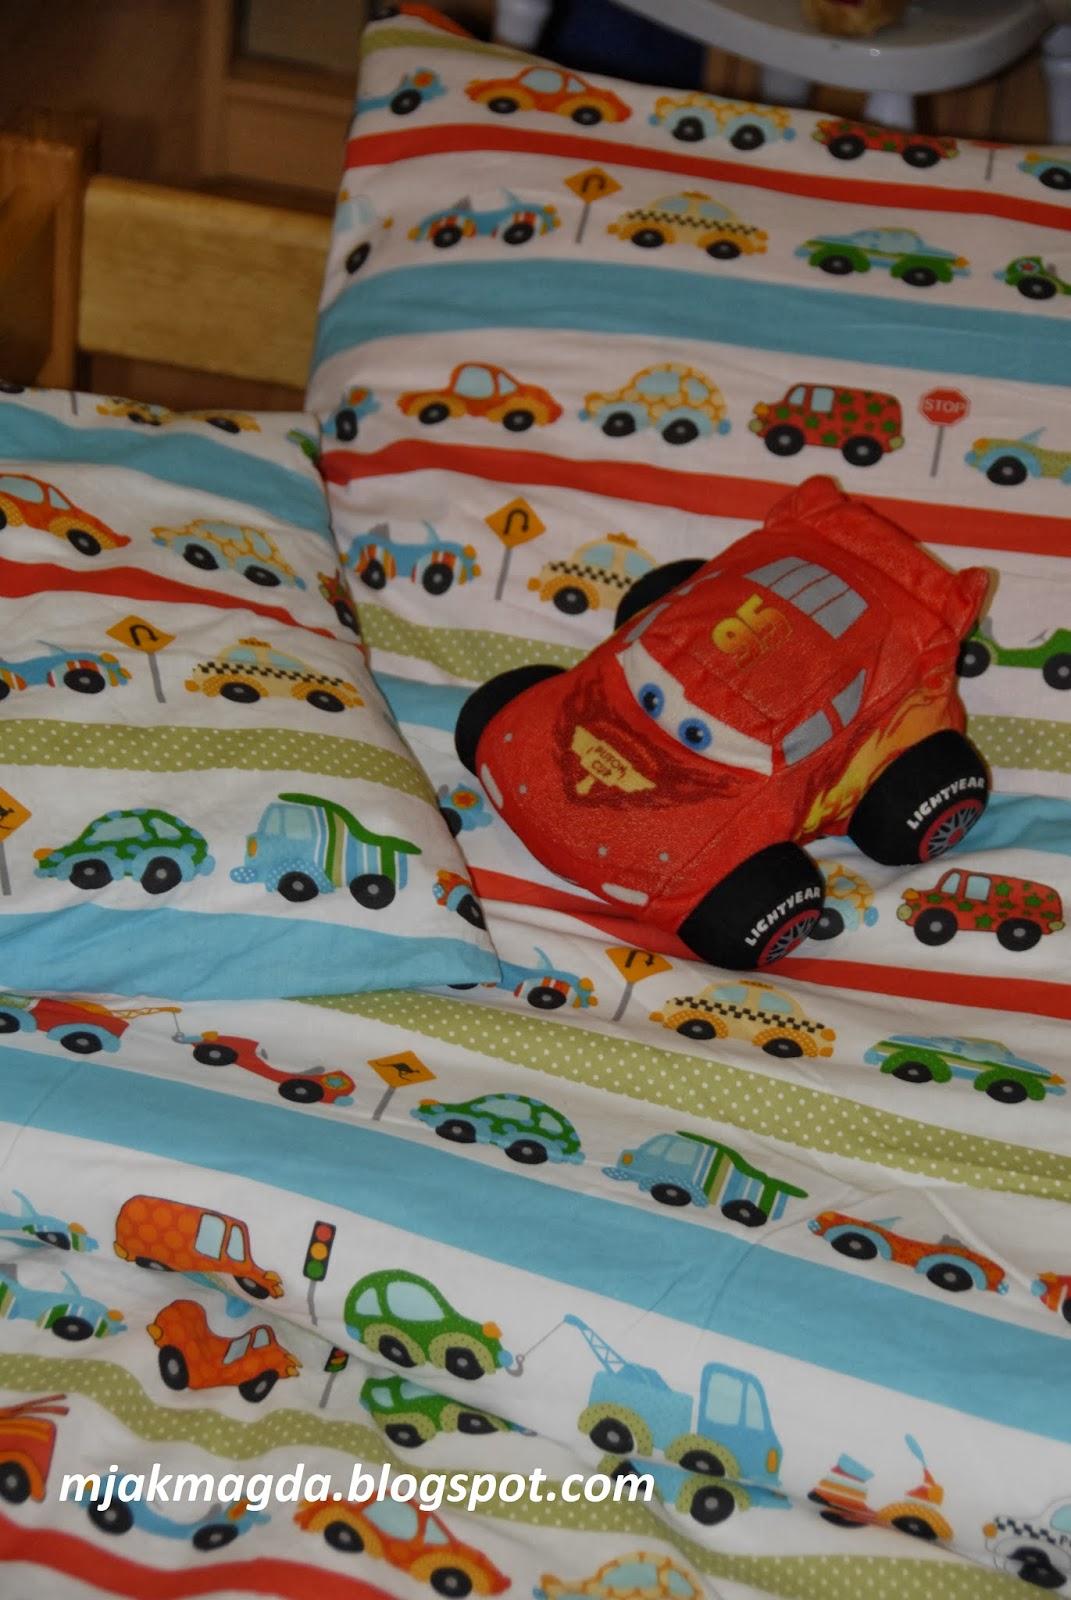 pościel, poszewka, poszewki, poducha, poduszka, kołdra, kołderka, narzuta, bawełna, samochody, pojazdy, kolorowa, dla dziecka, chłopiec, pokój, sypialnia, łóżko, dziecko, sheets, pillowcase, pillowcases, cushion, pillow, quilt, quilt, quilts, cotton, cars, trucks, colorful, for a child, a boy, living room, bedroom, bed, child,